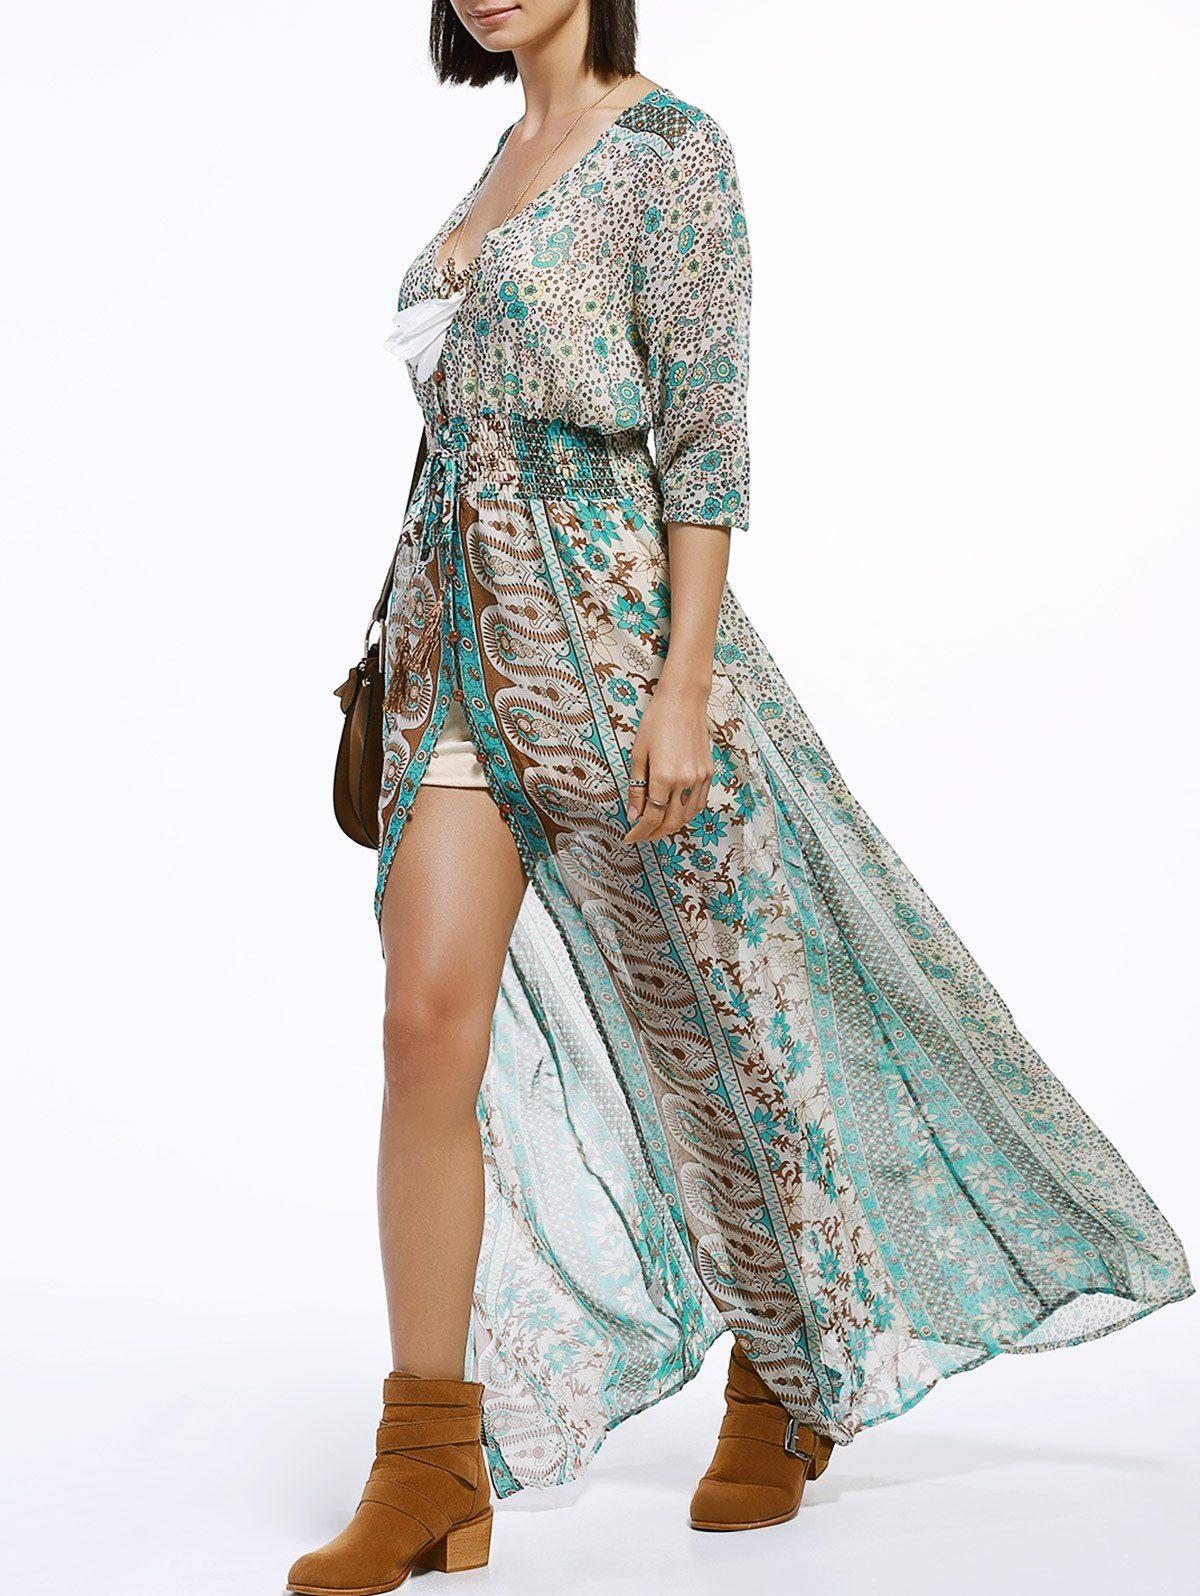 b0dcbe8eee $13.64 Bohemian V-Neck 3/4 Sleeve Tribal Print High Slit Maxi Dress For  Women